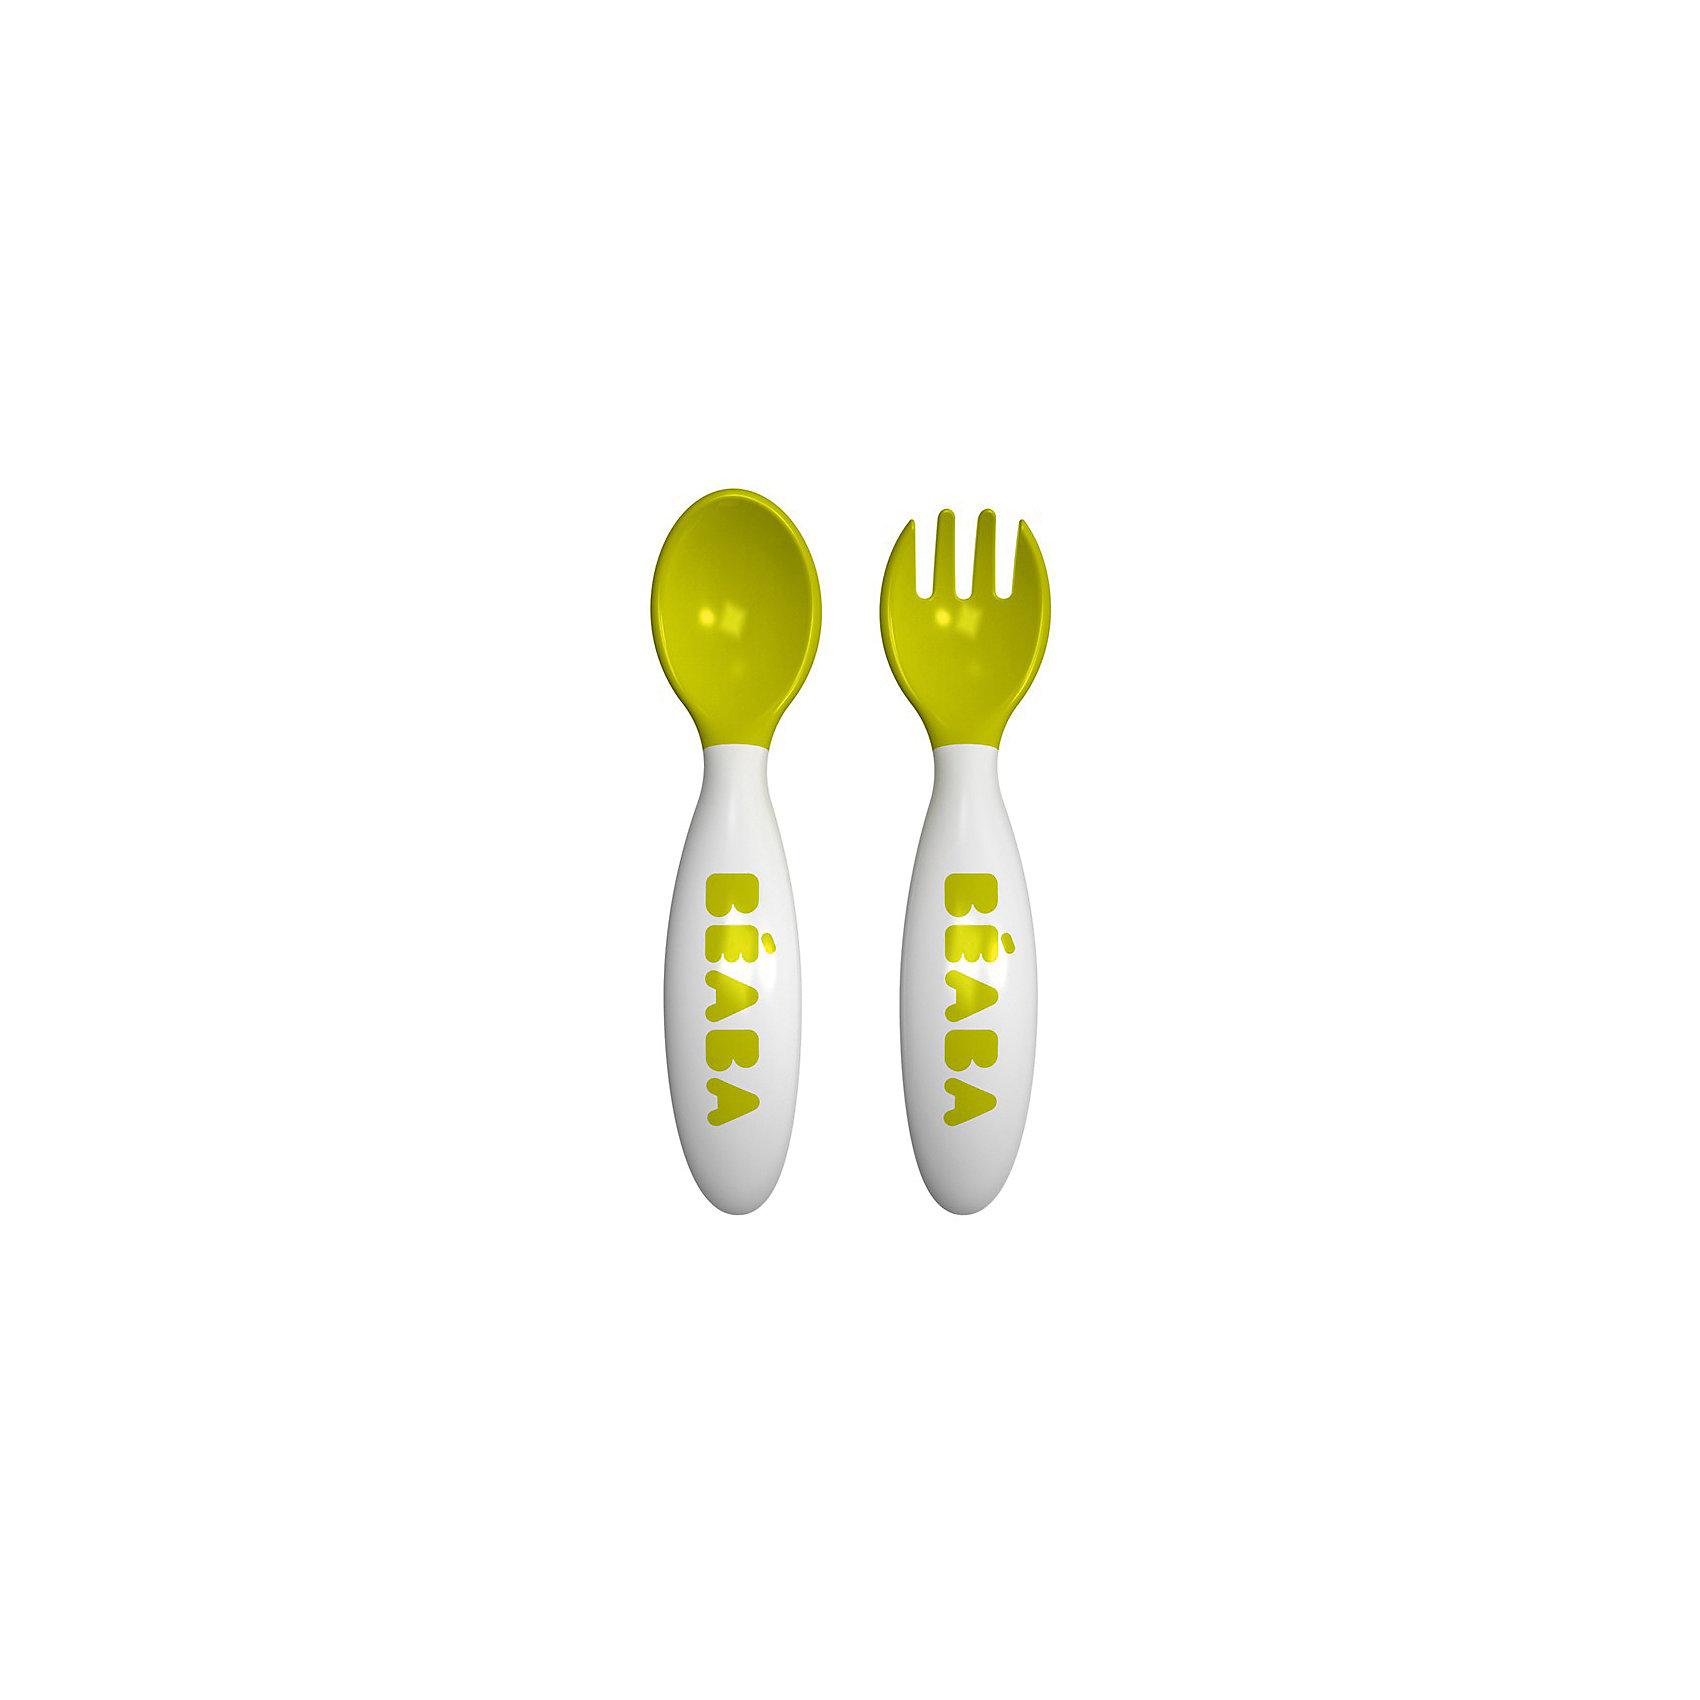 Набор столовых приборов (вилка, ложка), Beaba, салатовыйНабор столовых приборов (вилка, ложка), салатовый от знаменитого французского бренда товаров для детей Beaba (Беаба). Этот симпатичный эргономичный набор придет по вкусу вашему непоседе, удобные ручки, которые не скользят и позволяют малышу держать приборы как в левой, так и в правой ручке. Закругленные безопасные вилочка и ложка не повредят ротик малыша, не нагреваются от еды и идут в комплекте с коробочкой-чехлом, чтобы можно было взять приборы в дорогу. Приятный салатовый цвет приборов понравятся малышу и он захочет принимать пищу с ними снова и снова.<br>Дополнительная информация:<br><br>- Состав: пластик<br>- Можно мыть в посудомоечной машине        <br><br>Набор столовых приборов (вилка, ложка), салатовый, Beaba (Беаба) можно купить в нашем интернет-магазине.<br>Подробнее:<br>• Для детей в возрасте: от 7 месяцев<br>• Номер товара: 5010890<br>Страна производитель: Китай<br><br>Ширина мм: 70<br>Глубина мм: 20<br>Высота мм: 150<br>Вес г: 70<br>Возраст от месяцев: 8<br>Возраст до месяцев: 24<br>Пол: Унисекс<br>Возраст: Детский<br>SKU: 5010890